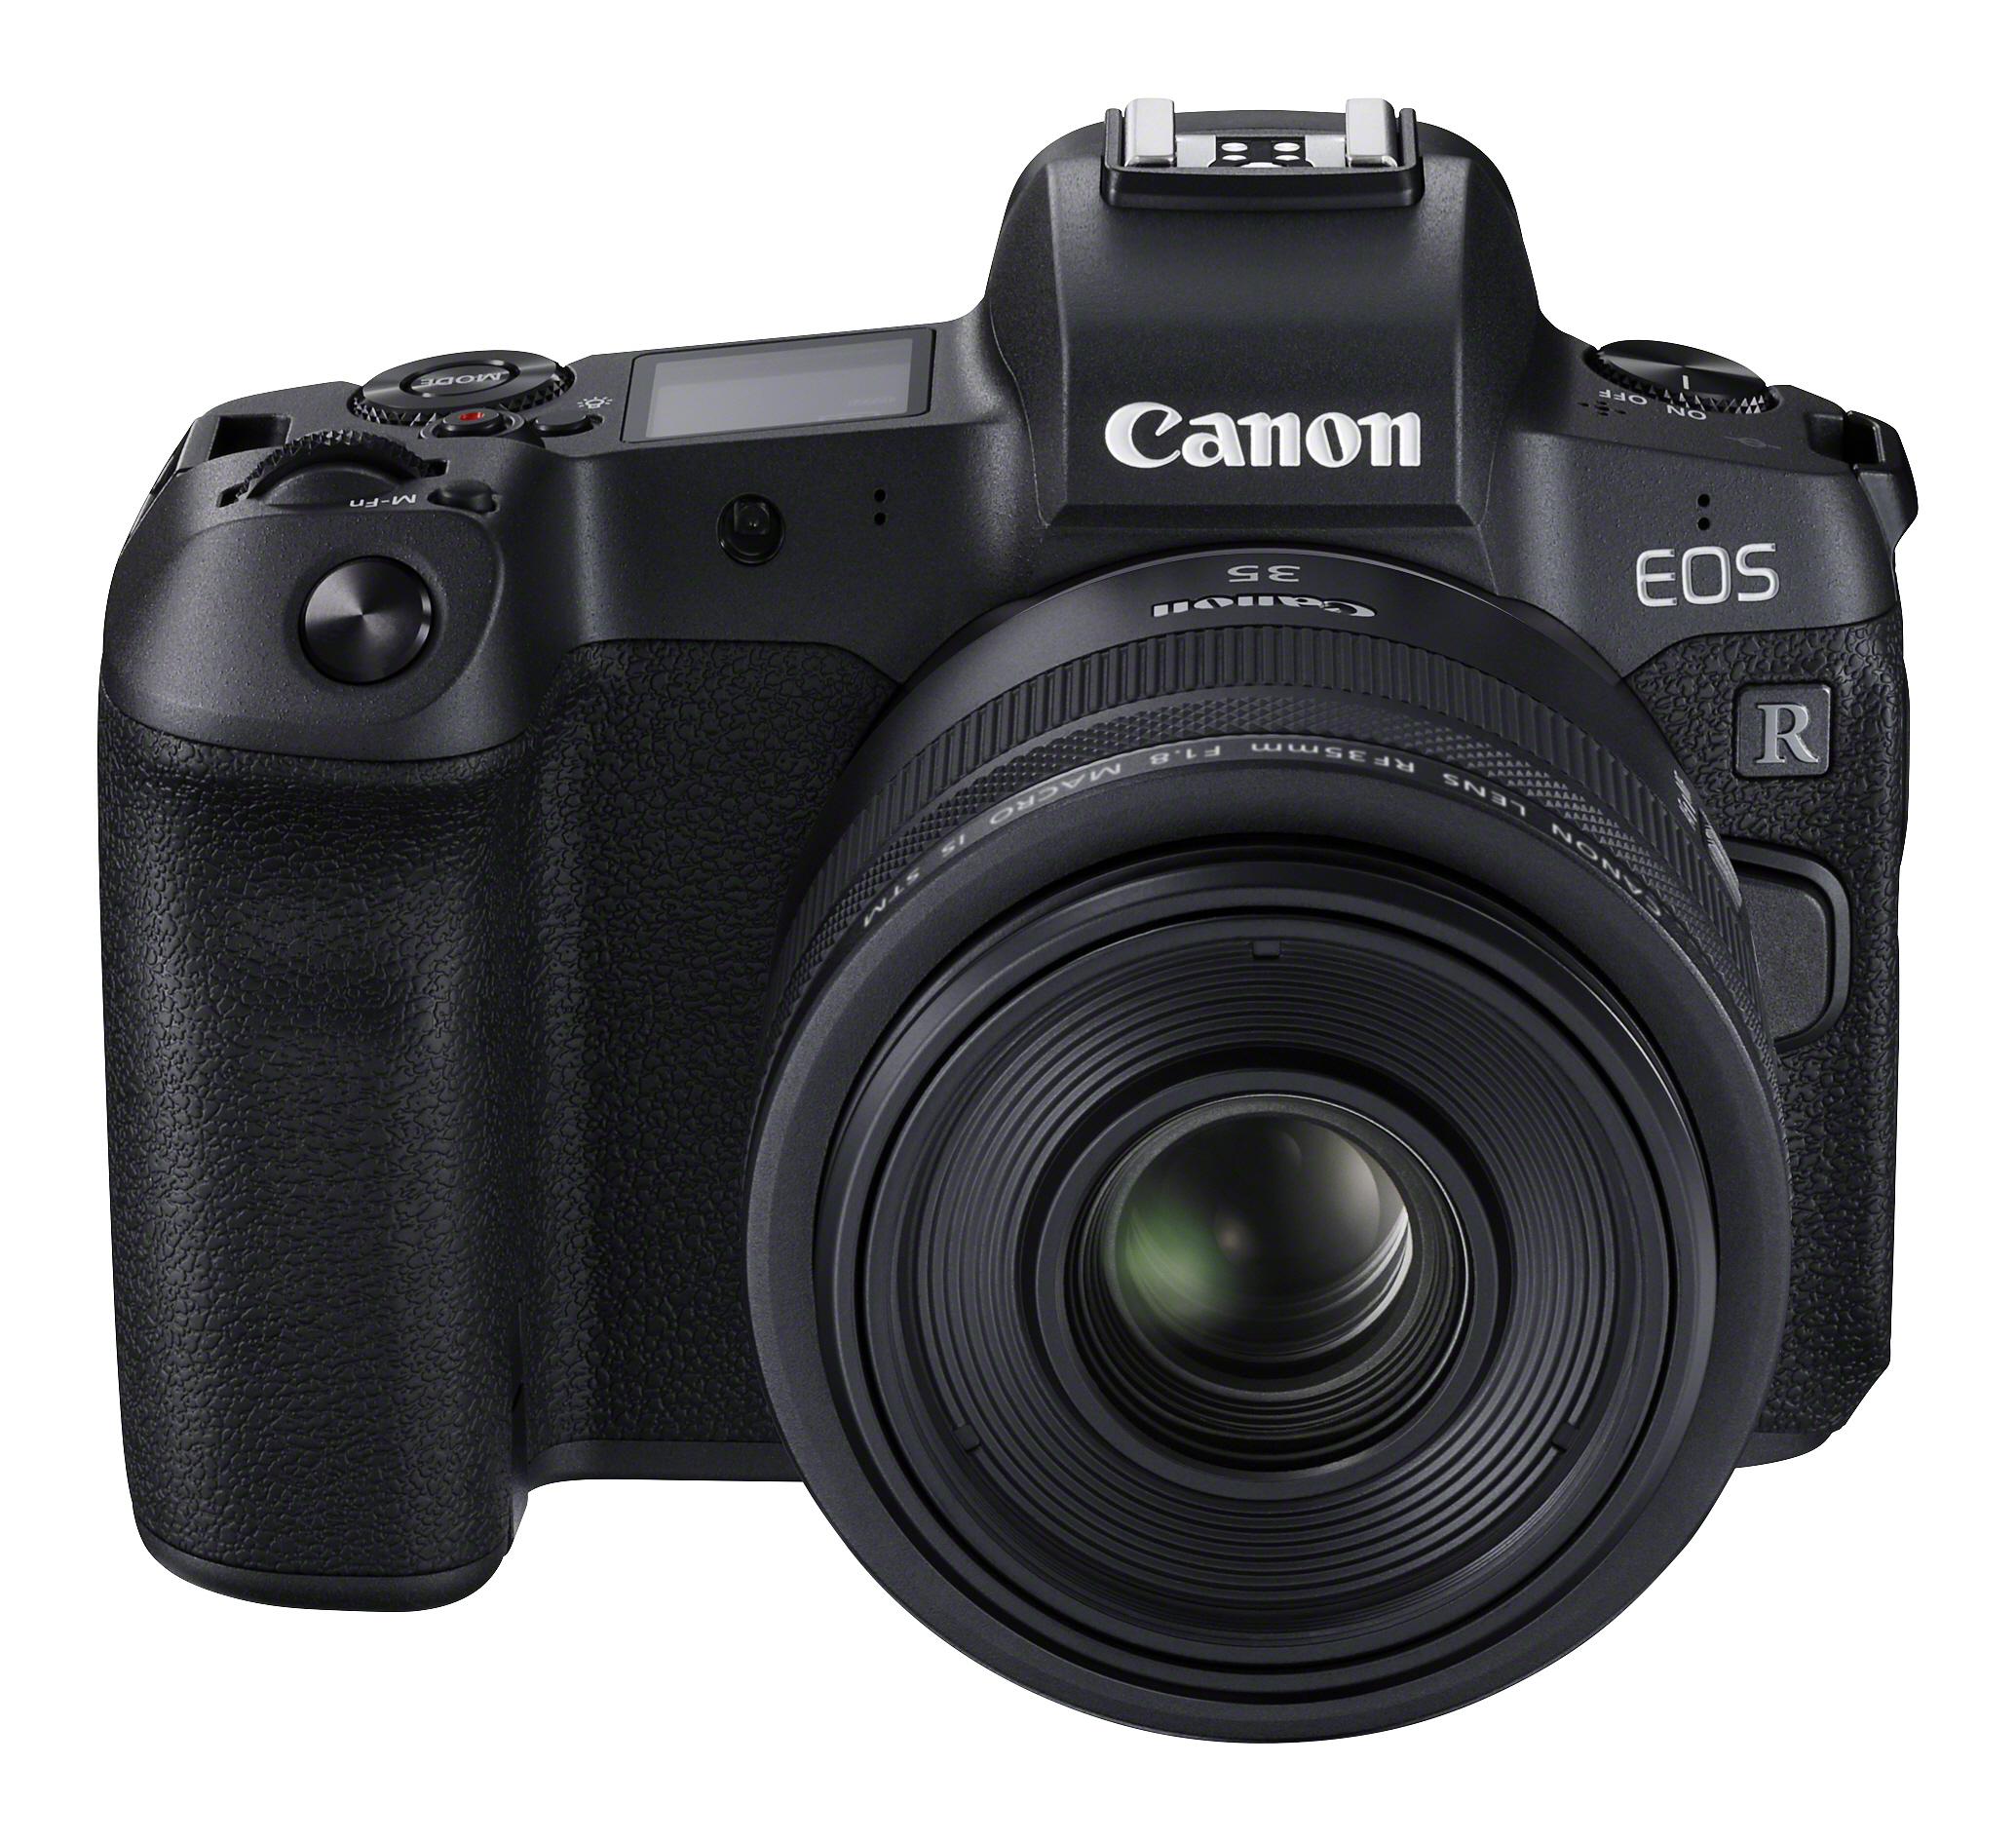 Das Modell EOS R RF35 von Canon. Abbildung: Canon